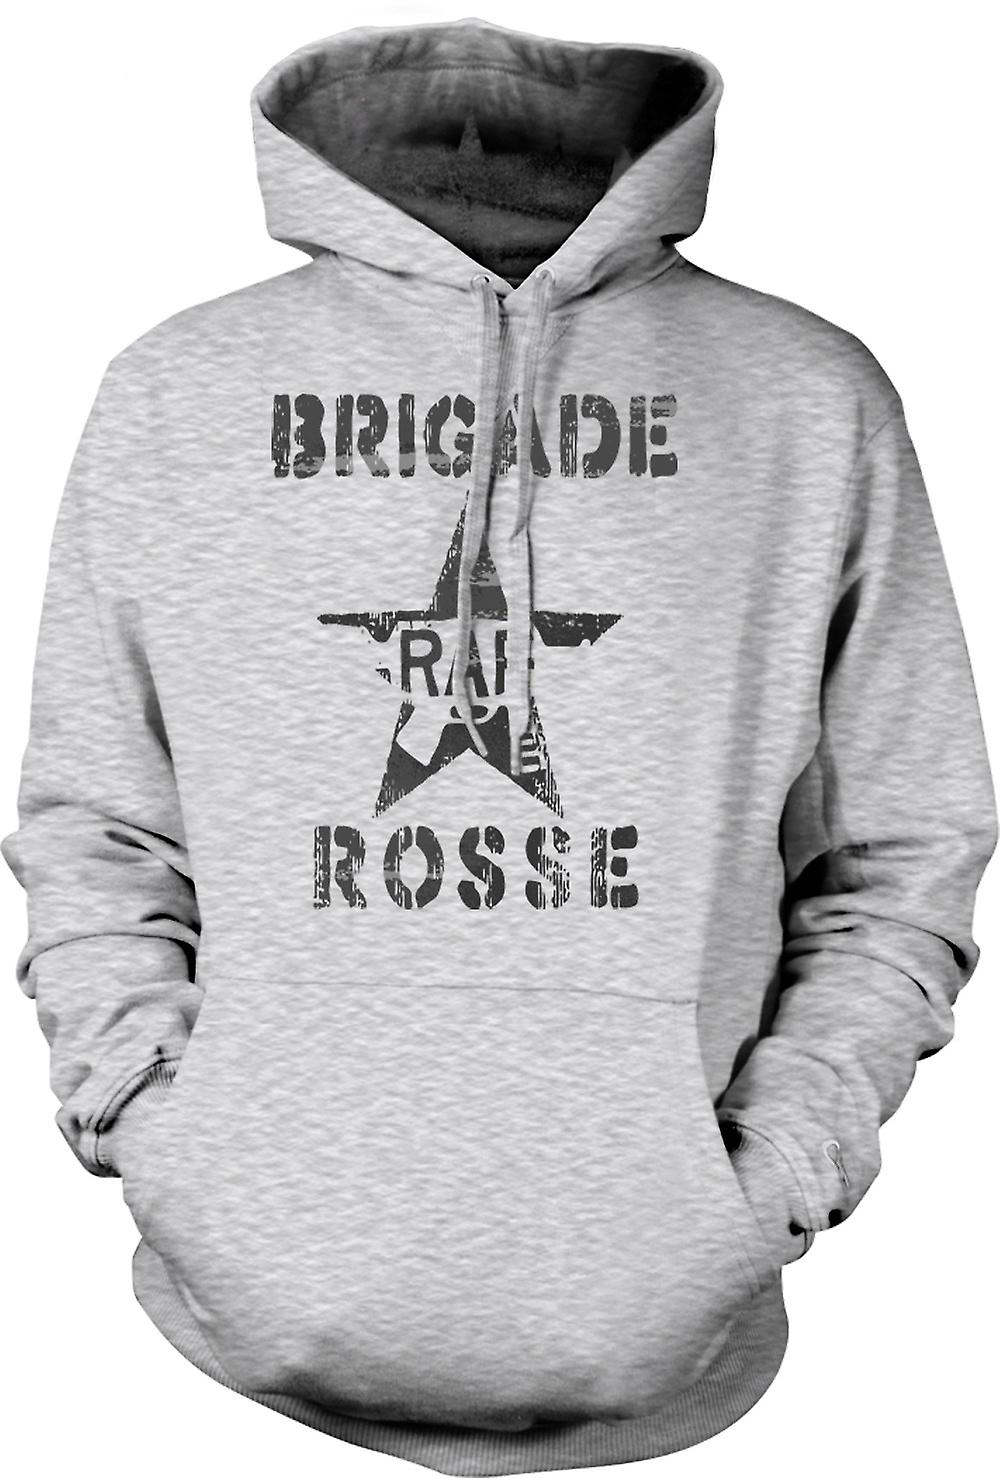 Mens Hoodie - Brigade Rosse - marxiste